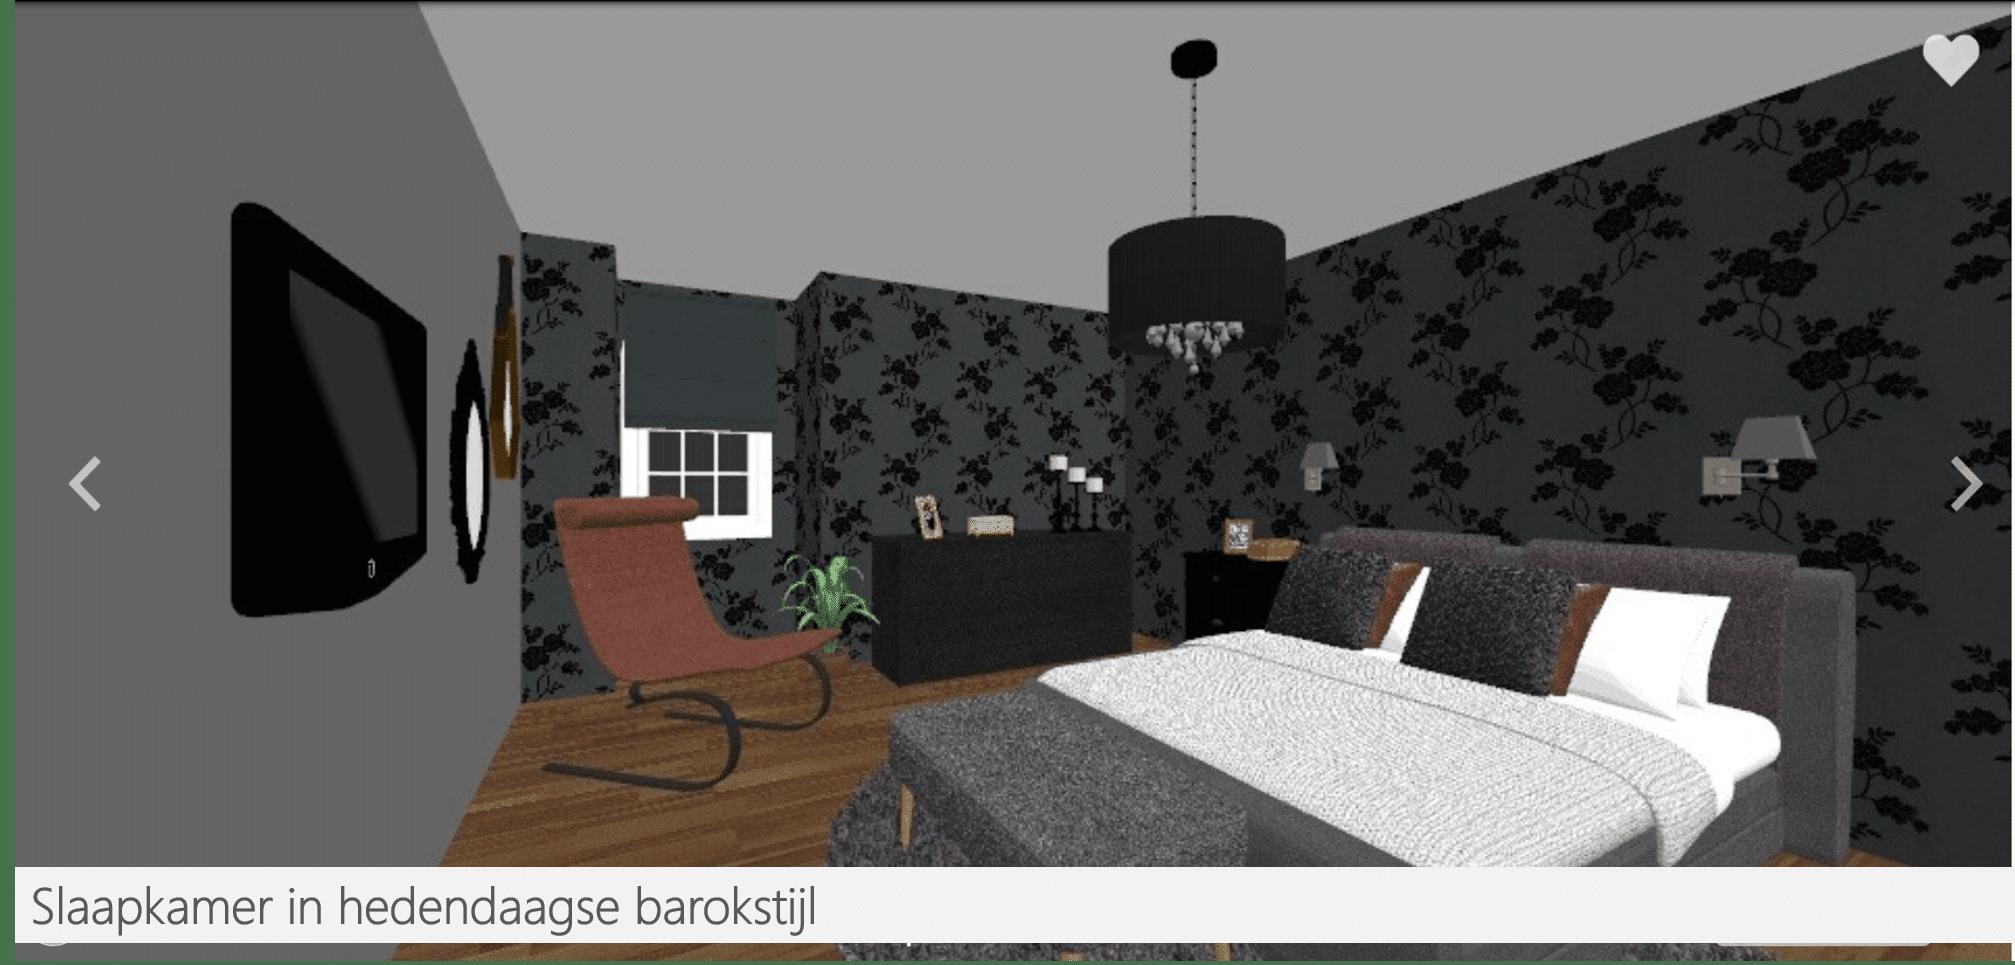 Huisjethuisje-slaapkamer-barok-boudoir-min